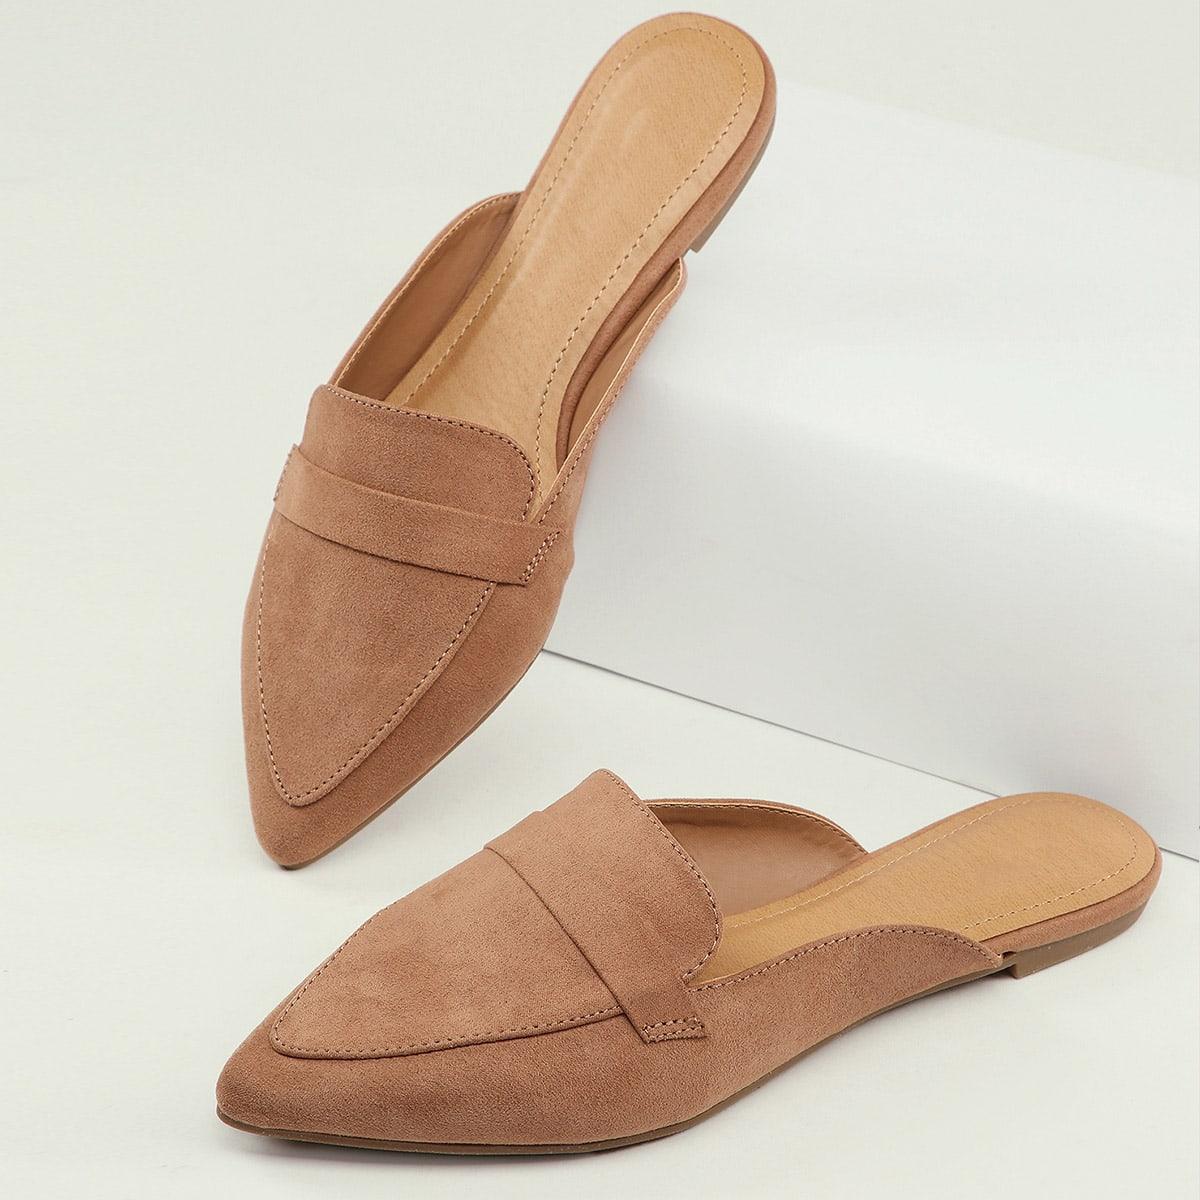 shein scarpe da muli mocassini a punta piatte donna